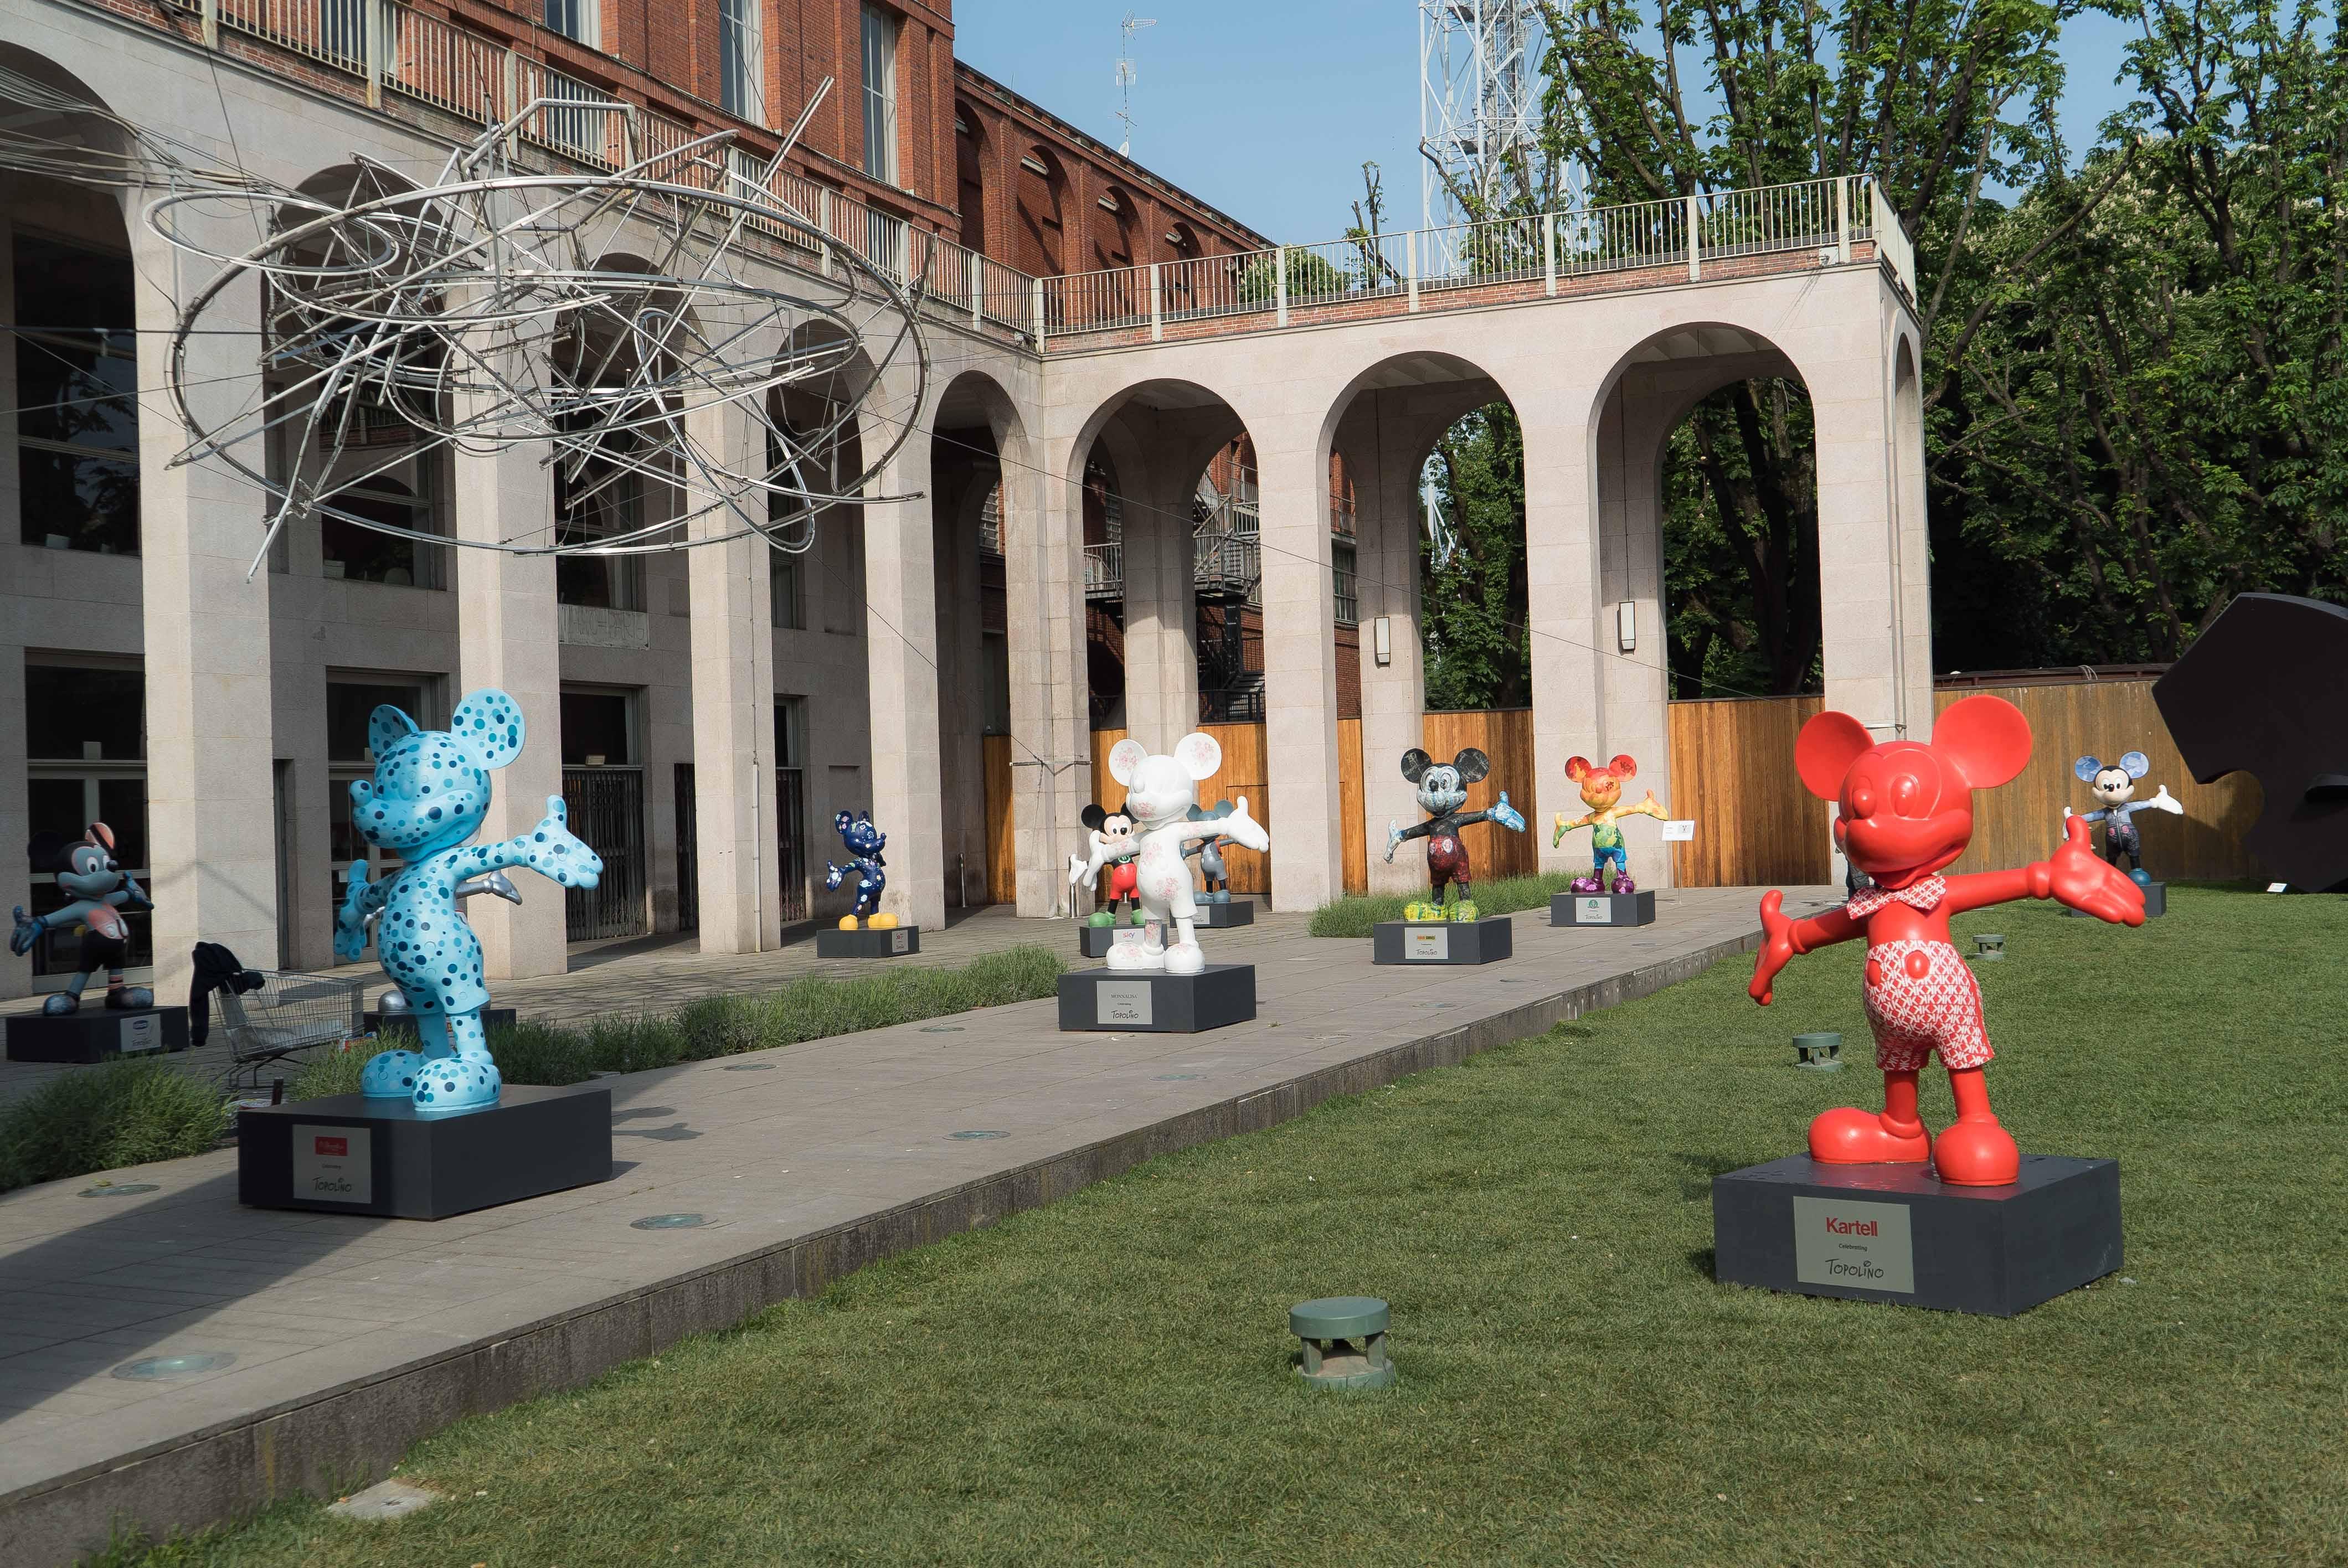 Topolino e l'Italia in mostra a Milano, le foto